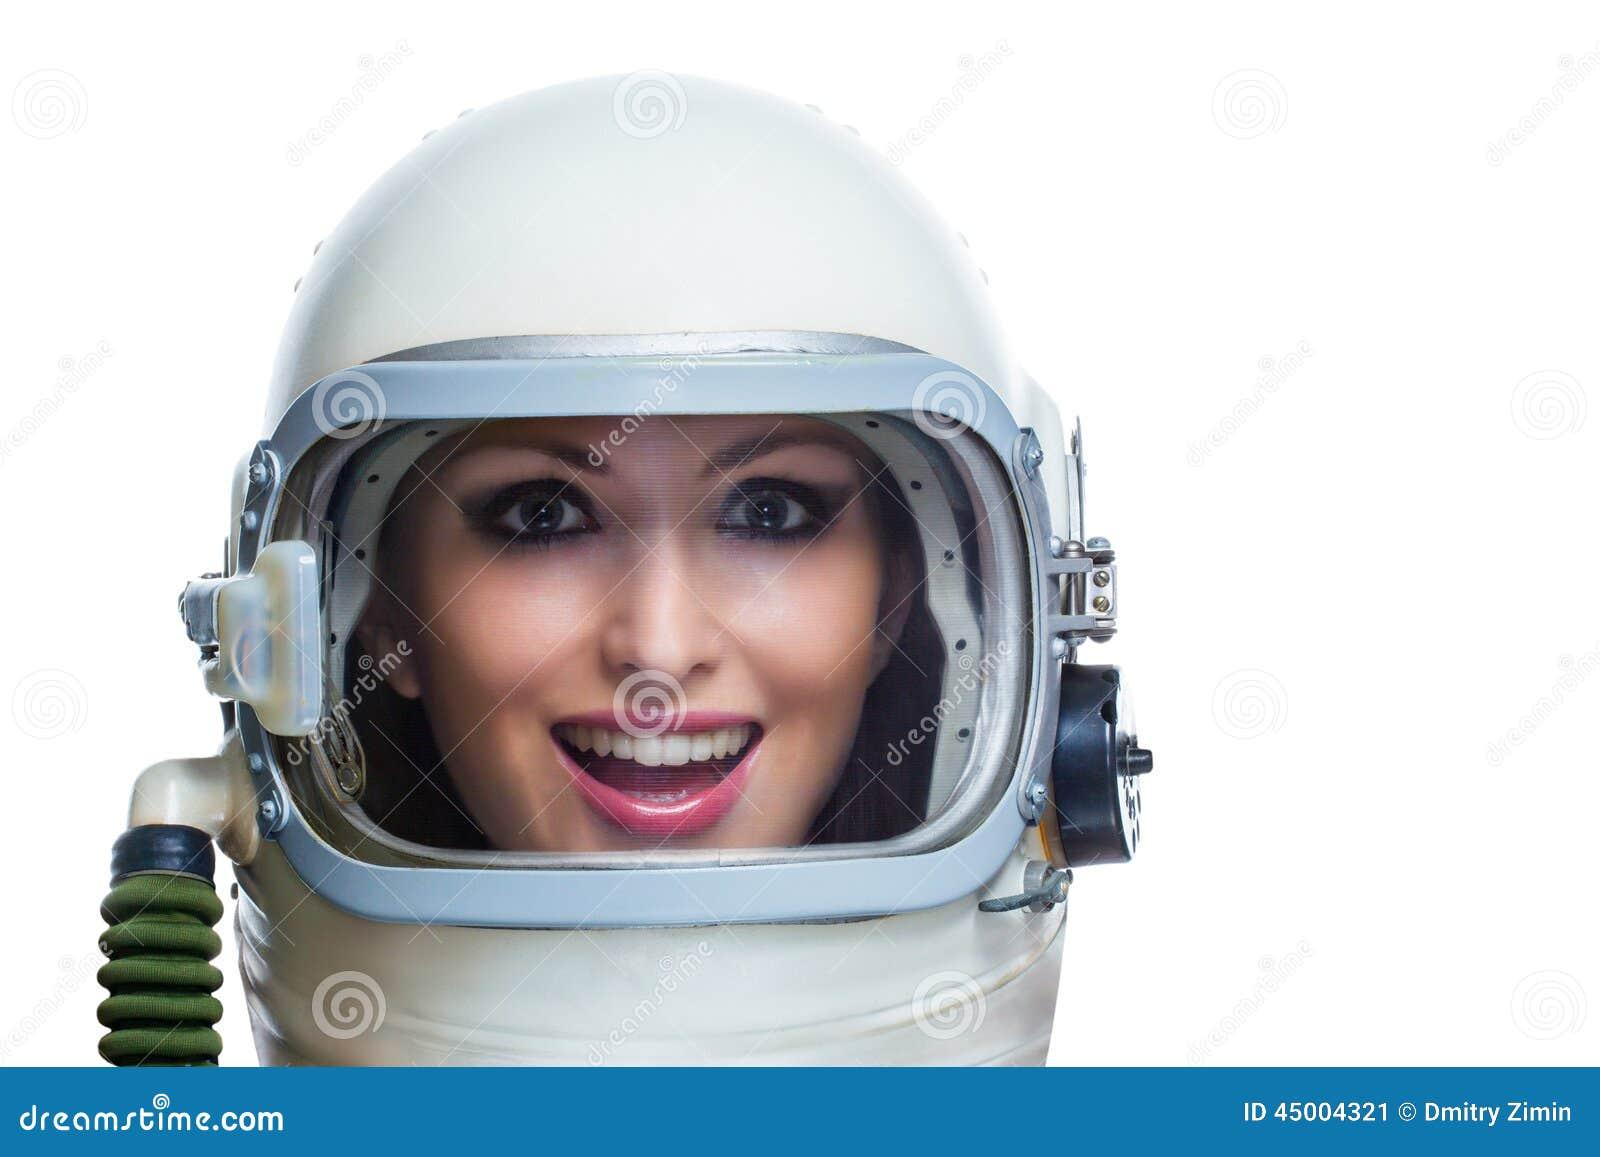 white women astronaut - photo #15